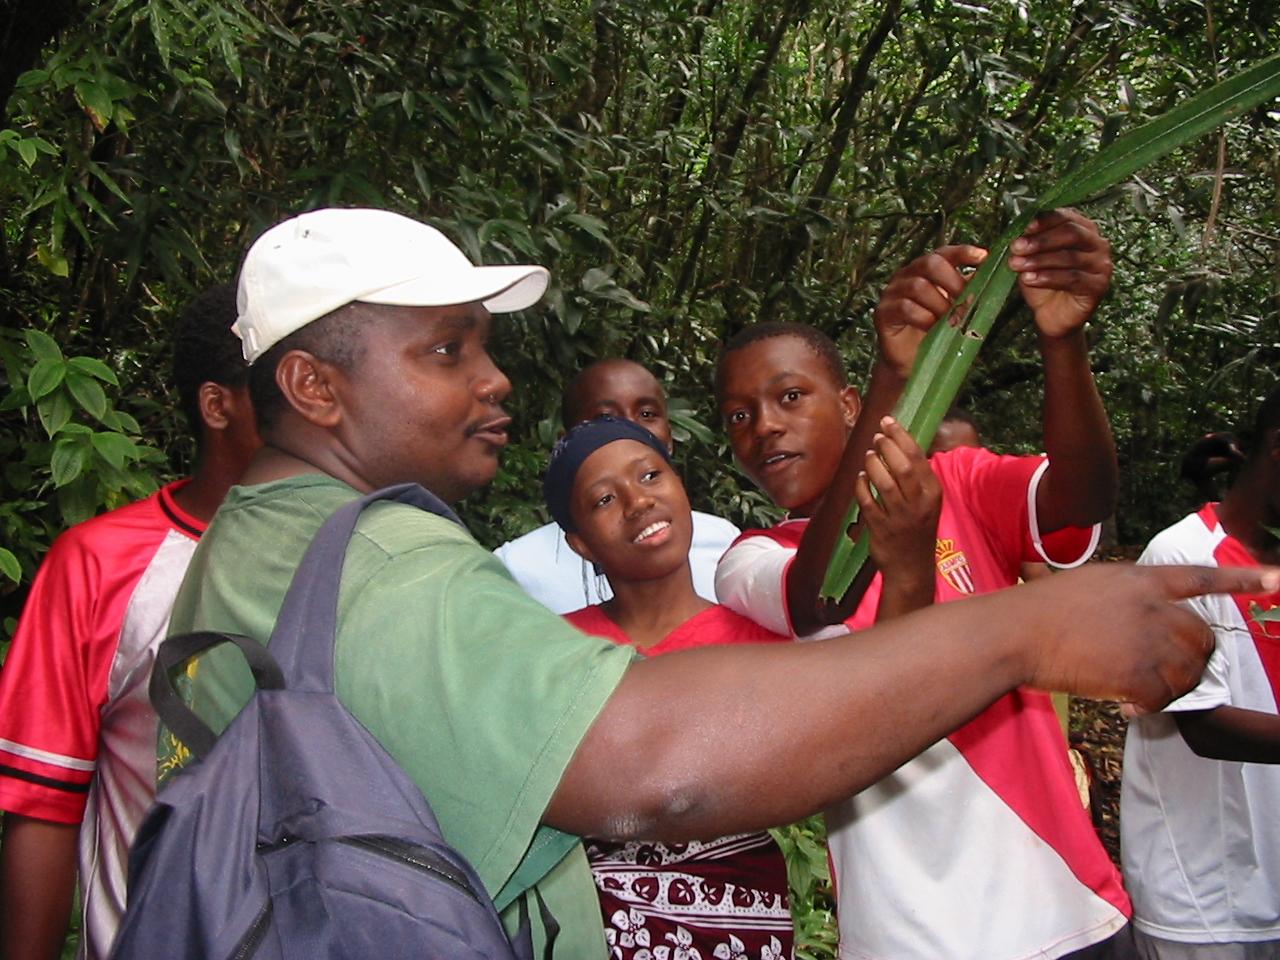 Mohamed Ahmed au cours d'une action d'éducation à l'environnement et de découverte de la nature auprès des jeunes de Bouéni-photo Léonard Durasnel